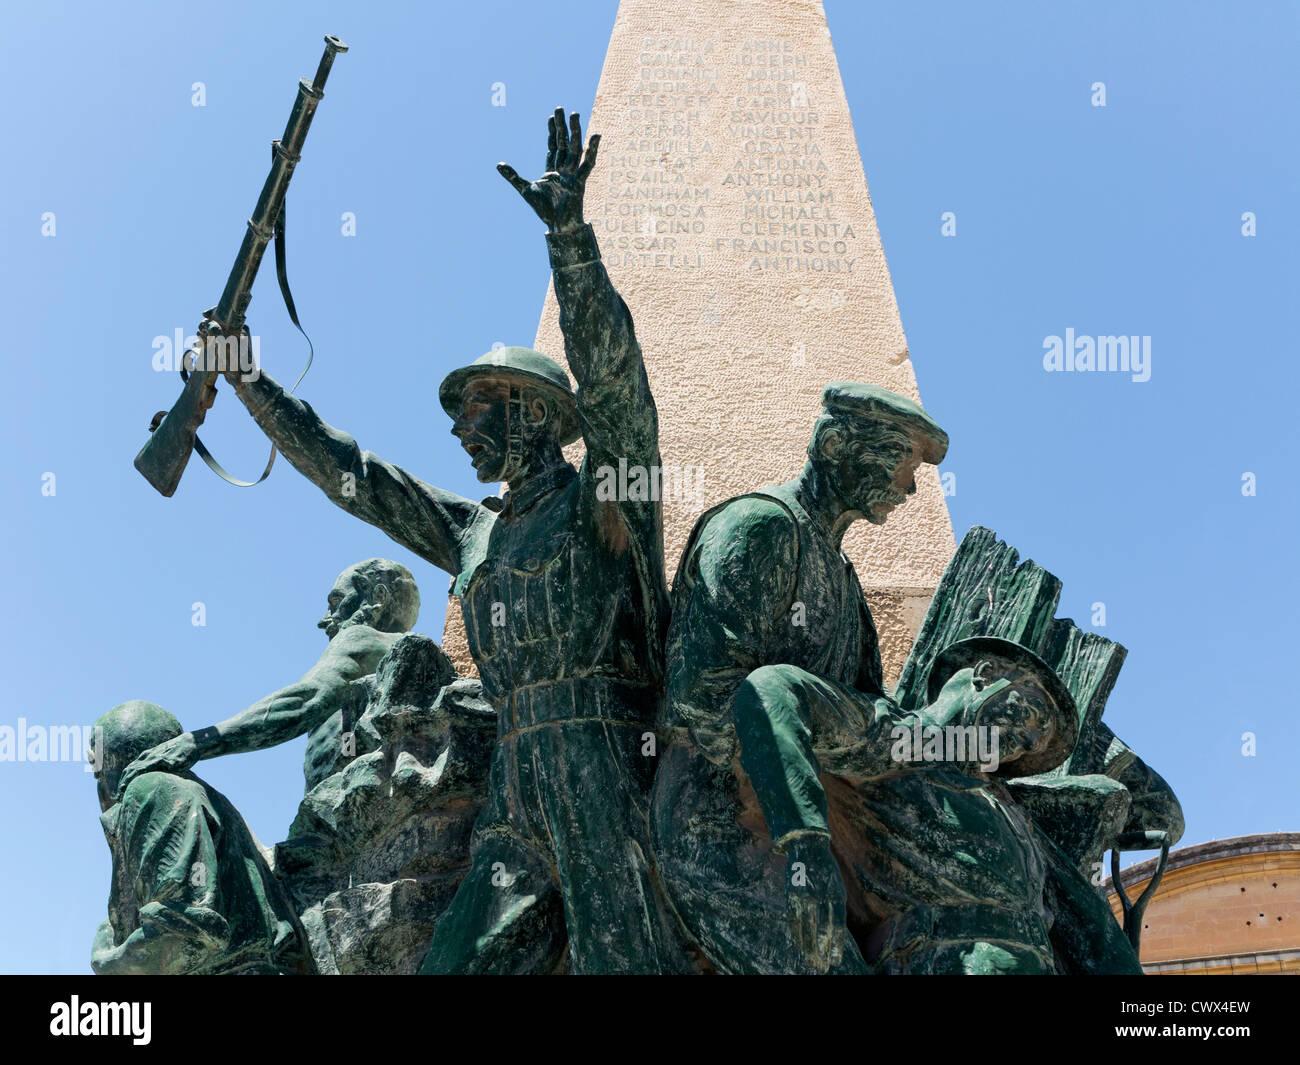 The War memorial in the square at Zabbar, Island of Malta, Mediterranean Sea. - Stock Image